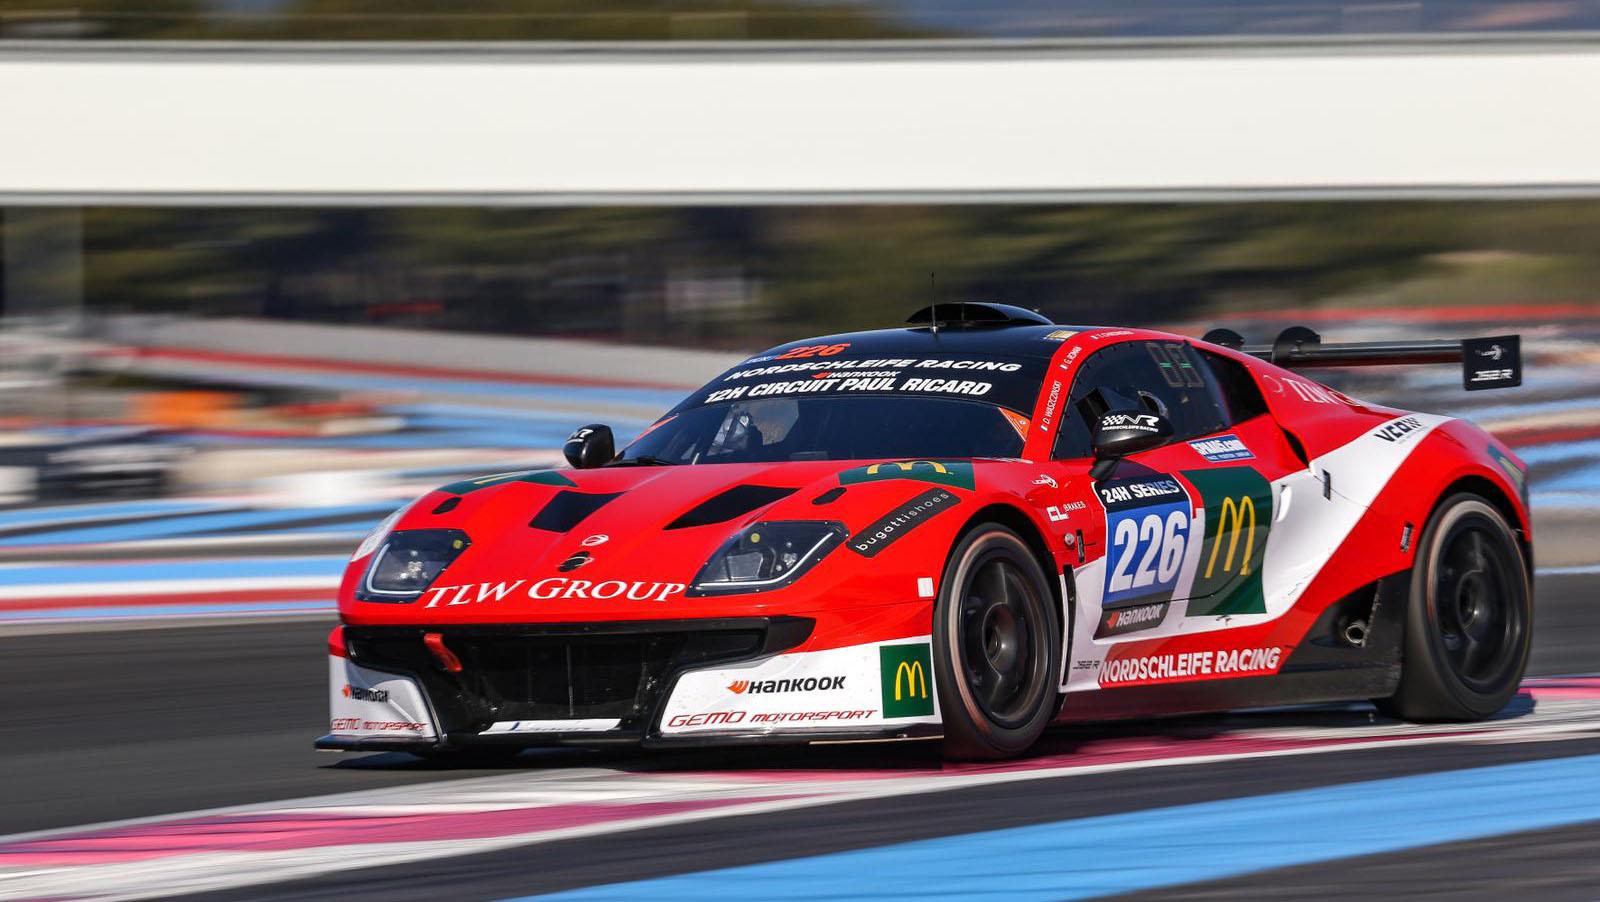 Ligier JS2 R - VL